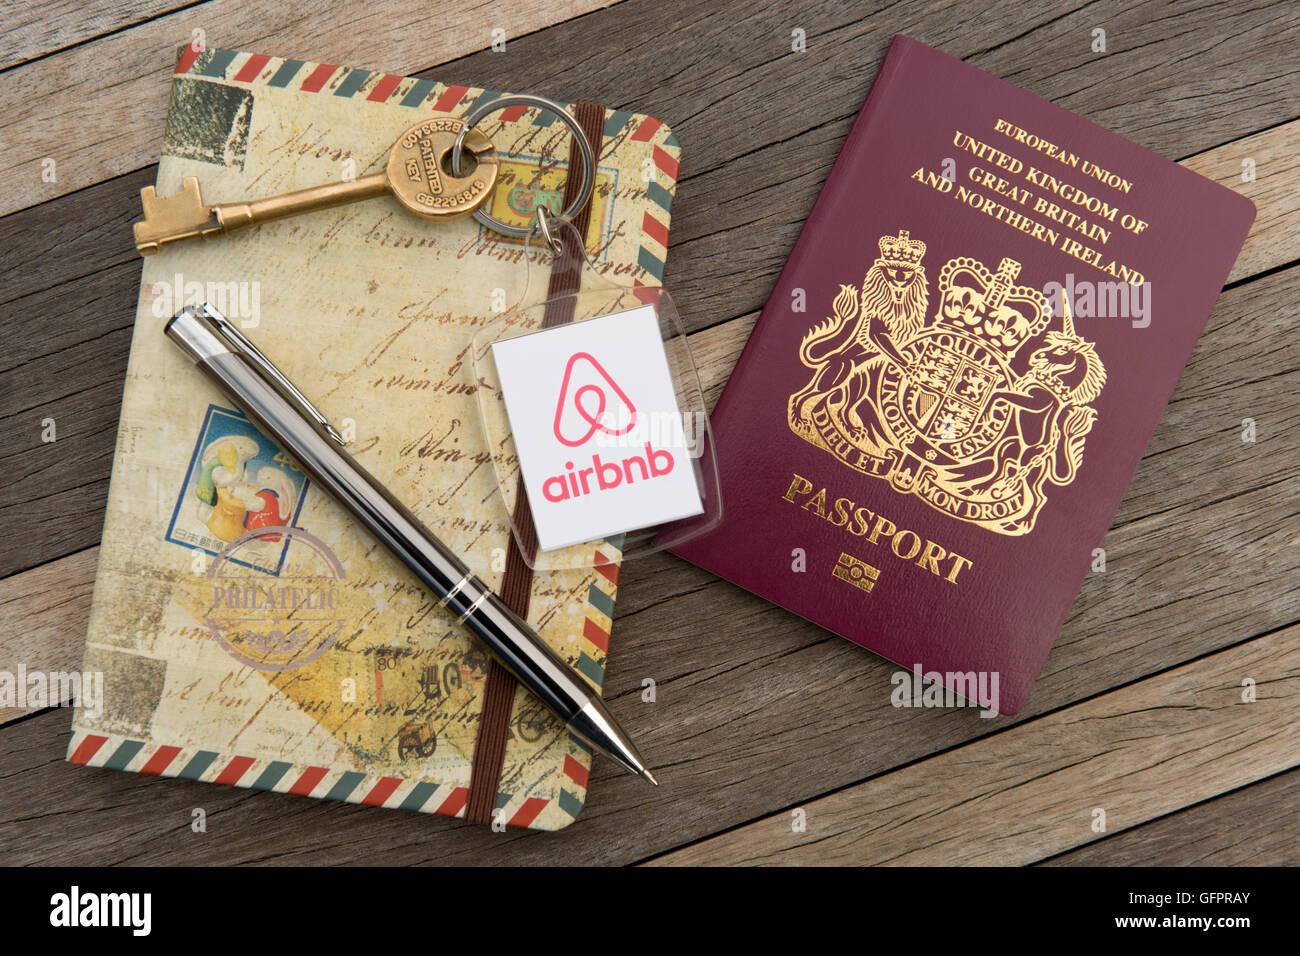 Eine Airbnb branded Schlüsselanhänger zusammen mit einem britischen Pass, Journal und Stift, auf einem Stockbild